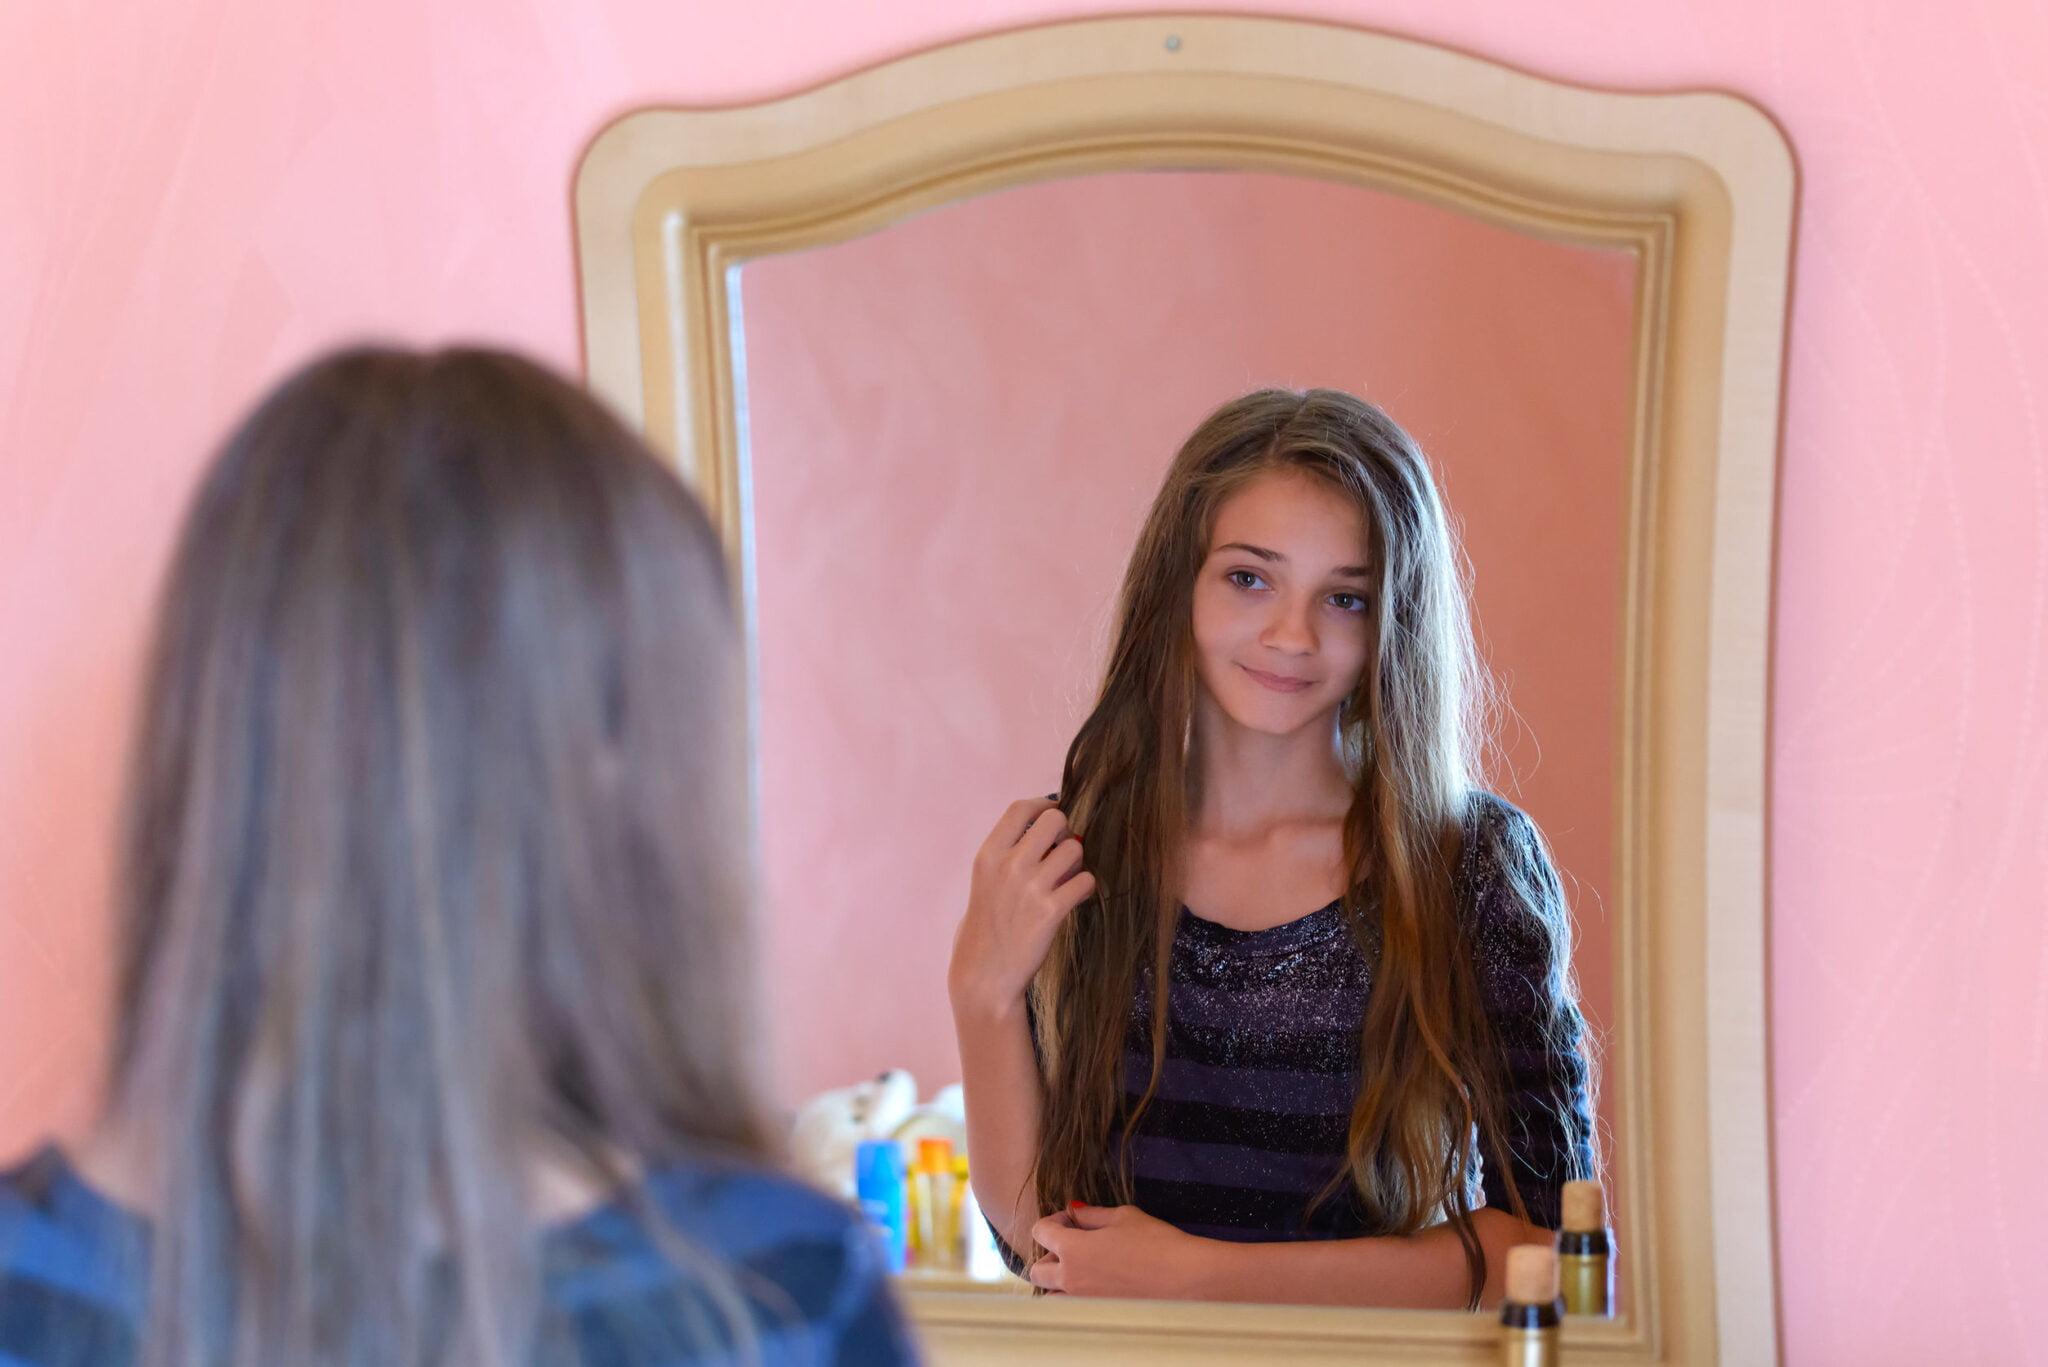 Gevolgen van social media op zelfbeeld en zelfvertrouwen van je kind - Mamaliefde.nl